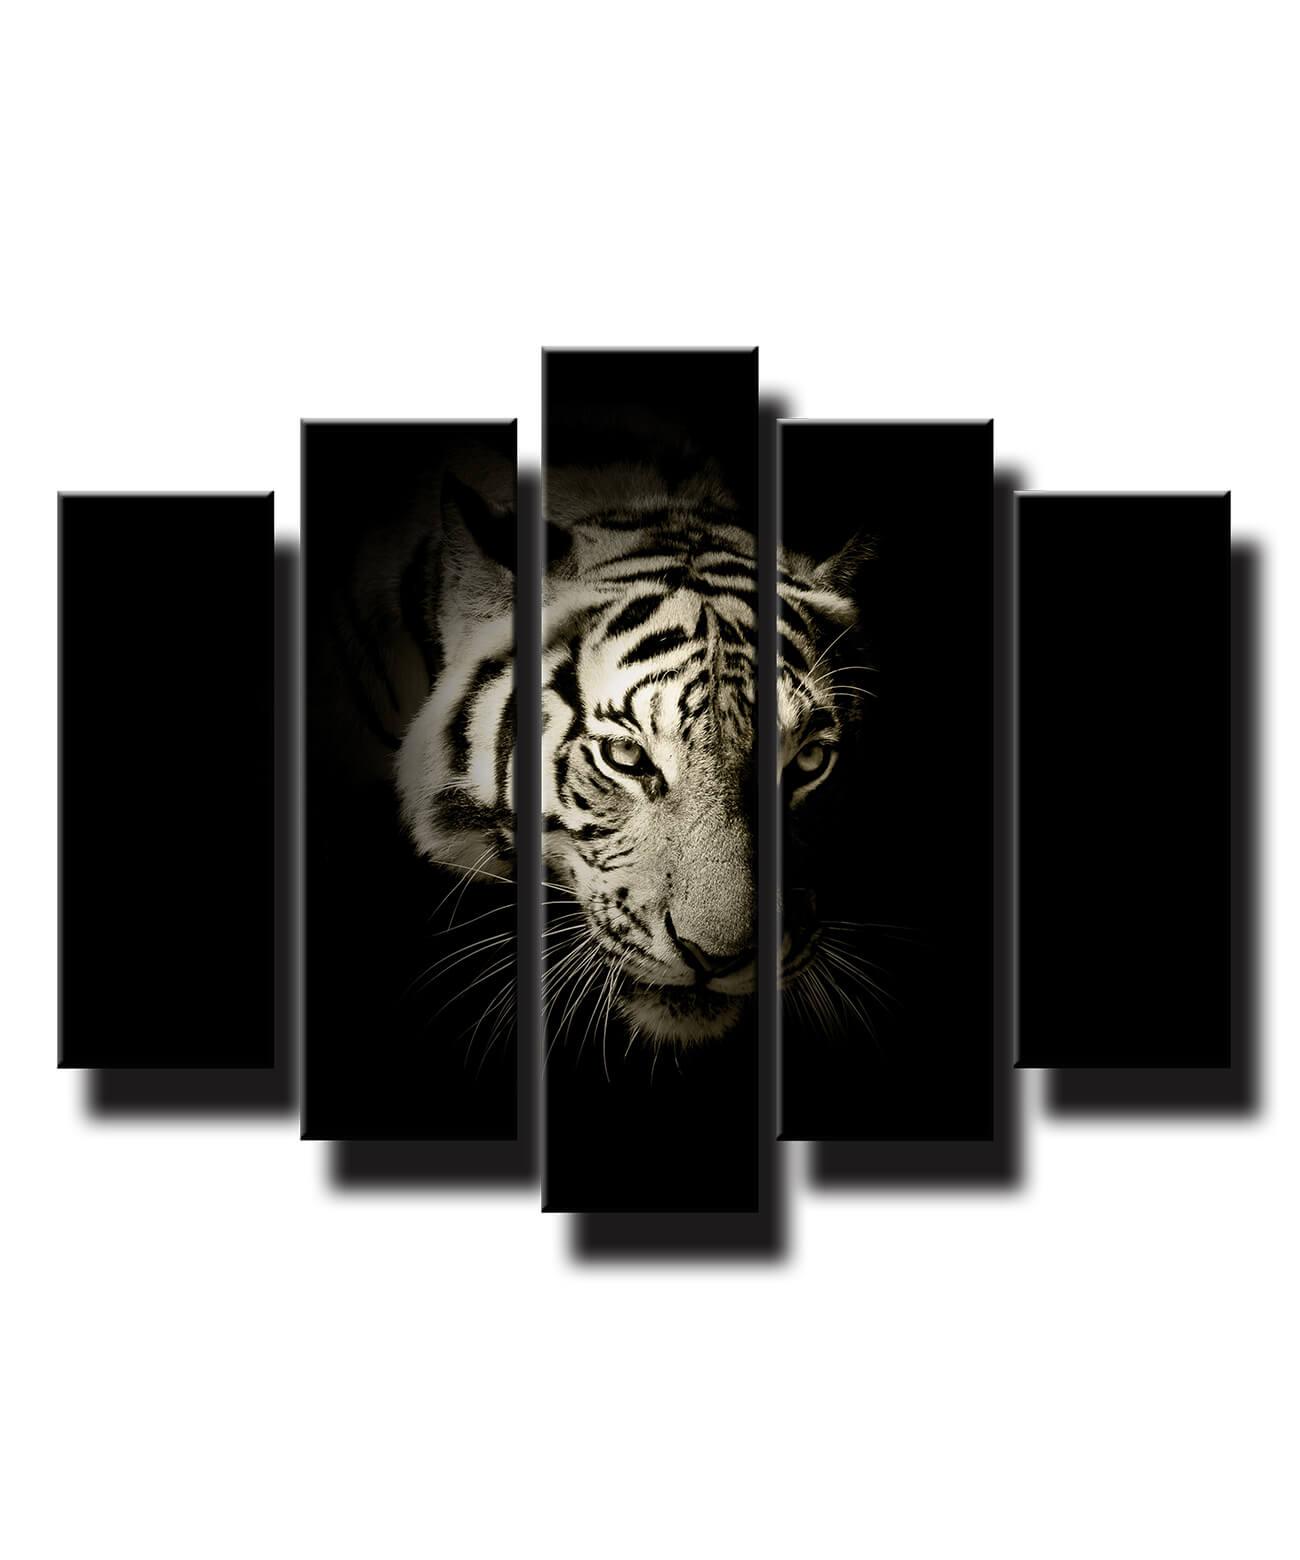 5 dielny obraz na stenu Portrét tigra